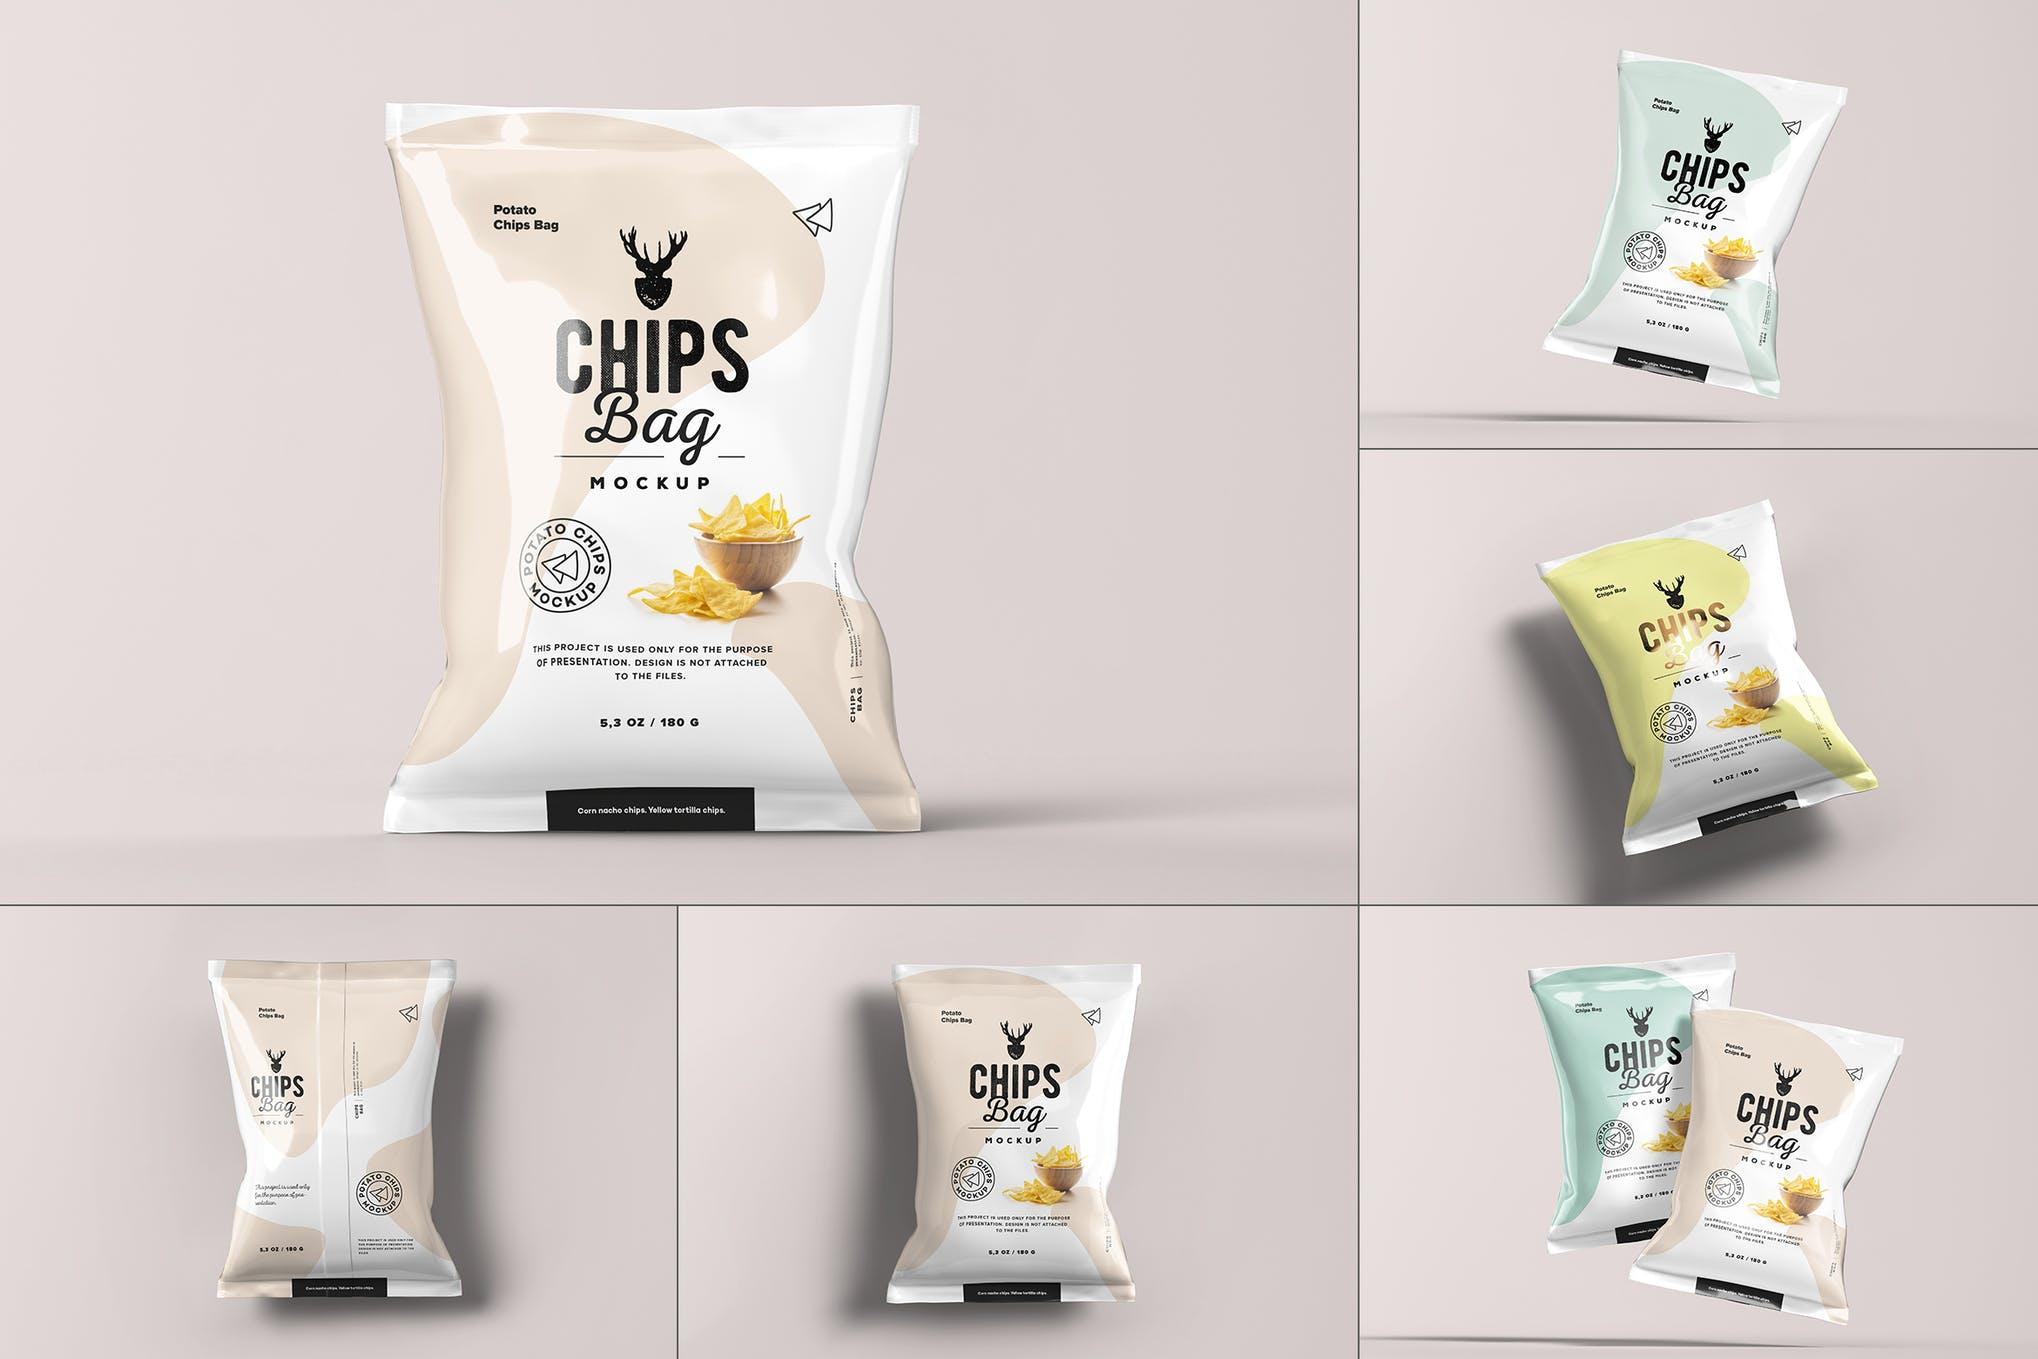 膨化食品包装袋样机效果图插图(1)